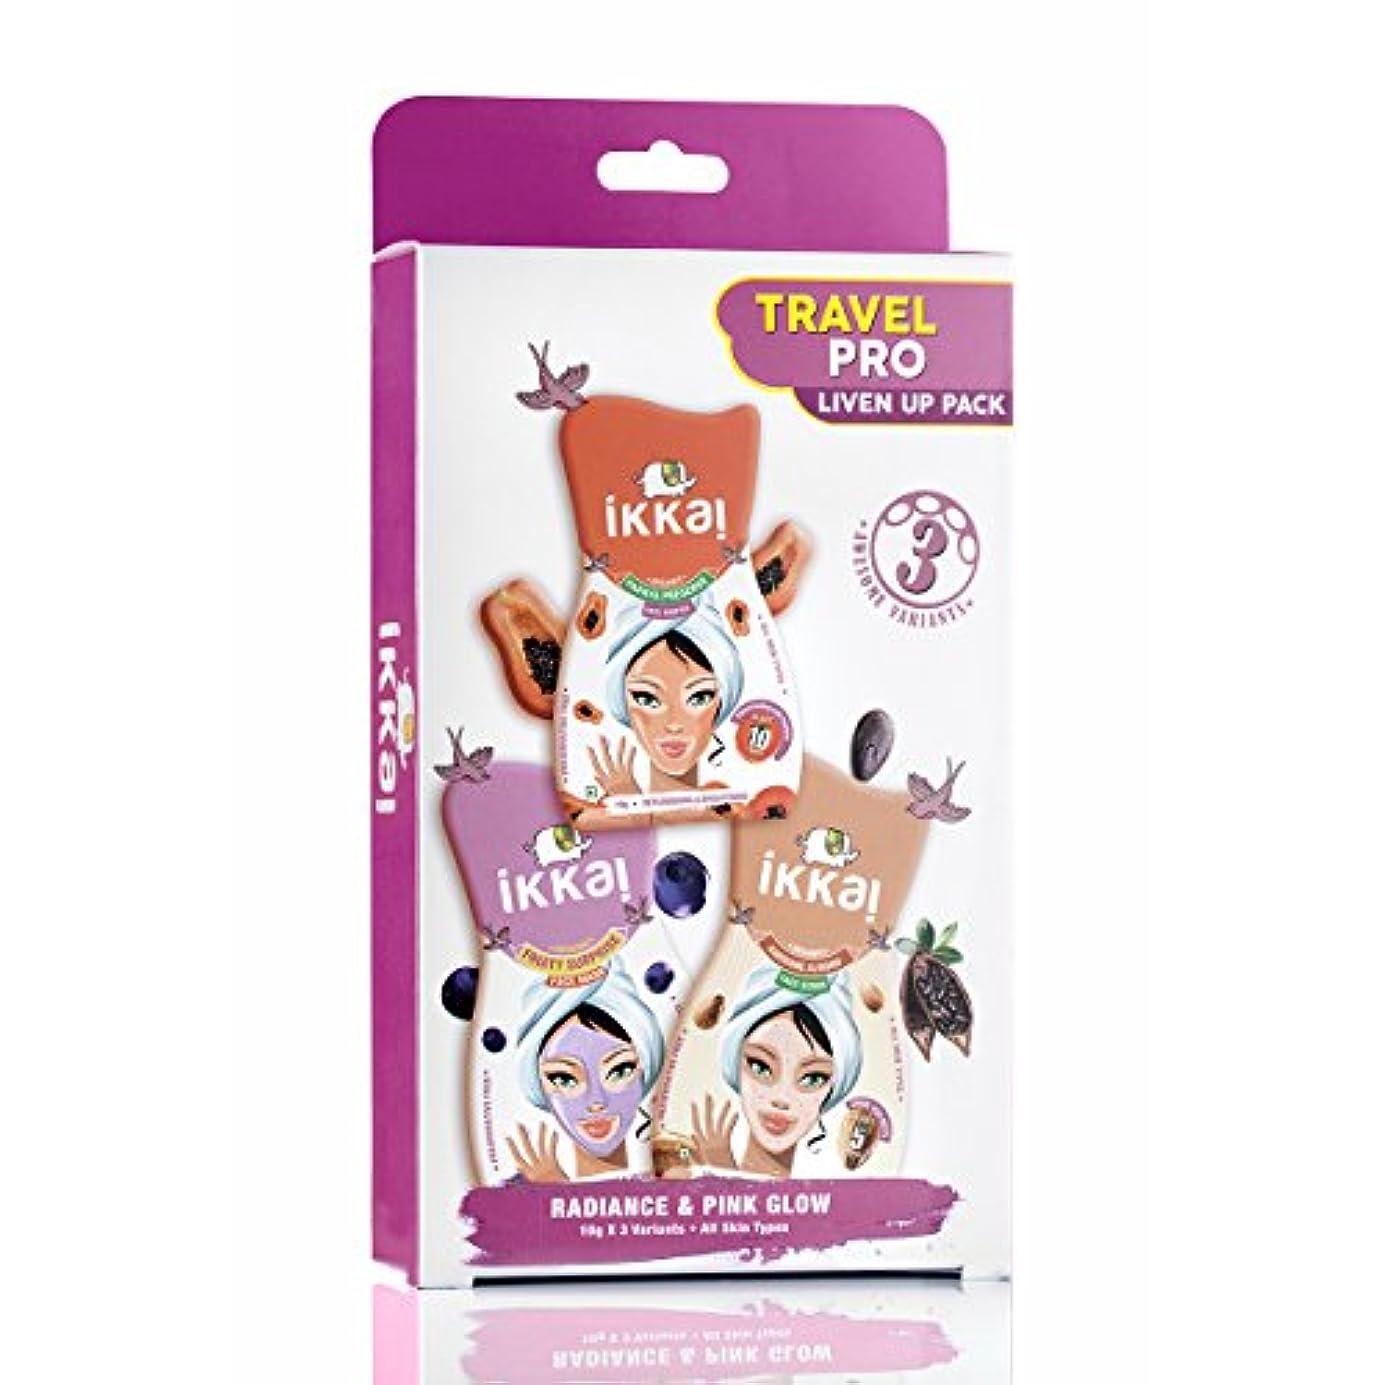 守るバイオリニスト通行人Ikkai by Lotus Herbals Travel Pro Liven Up Pack (1 Face Mask, 1 Face Scrub and 1 Face Souffle)